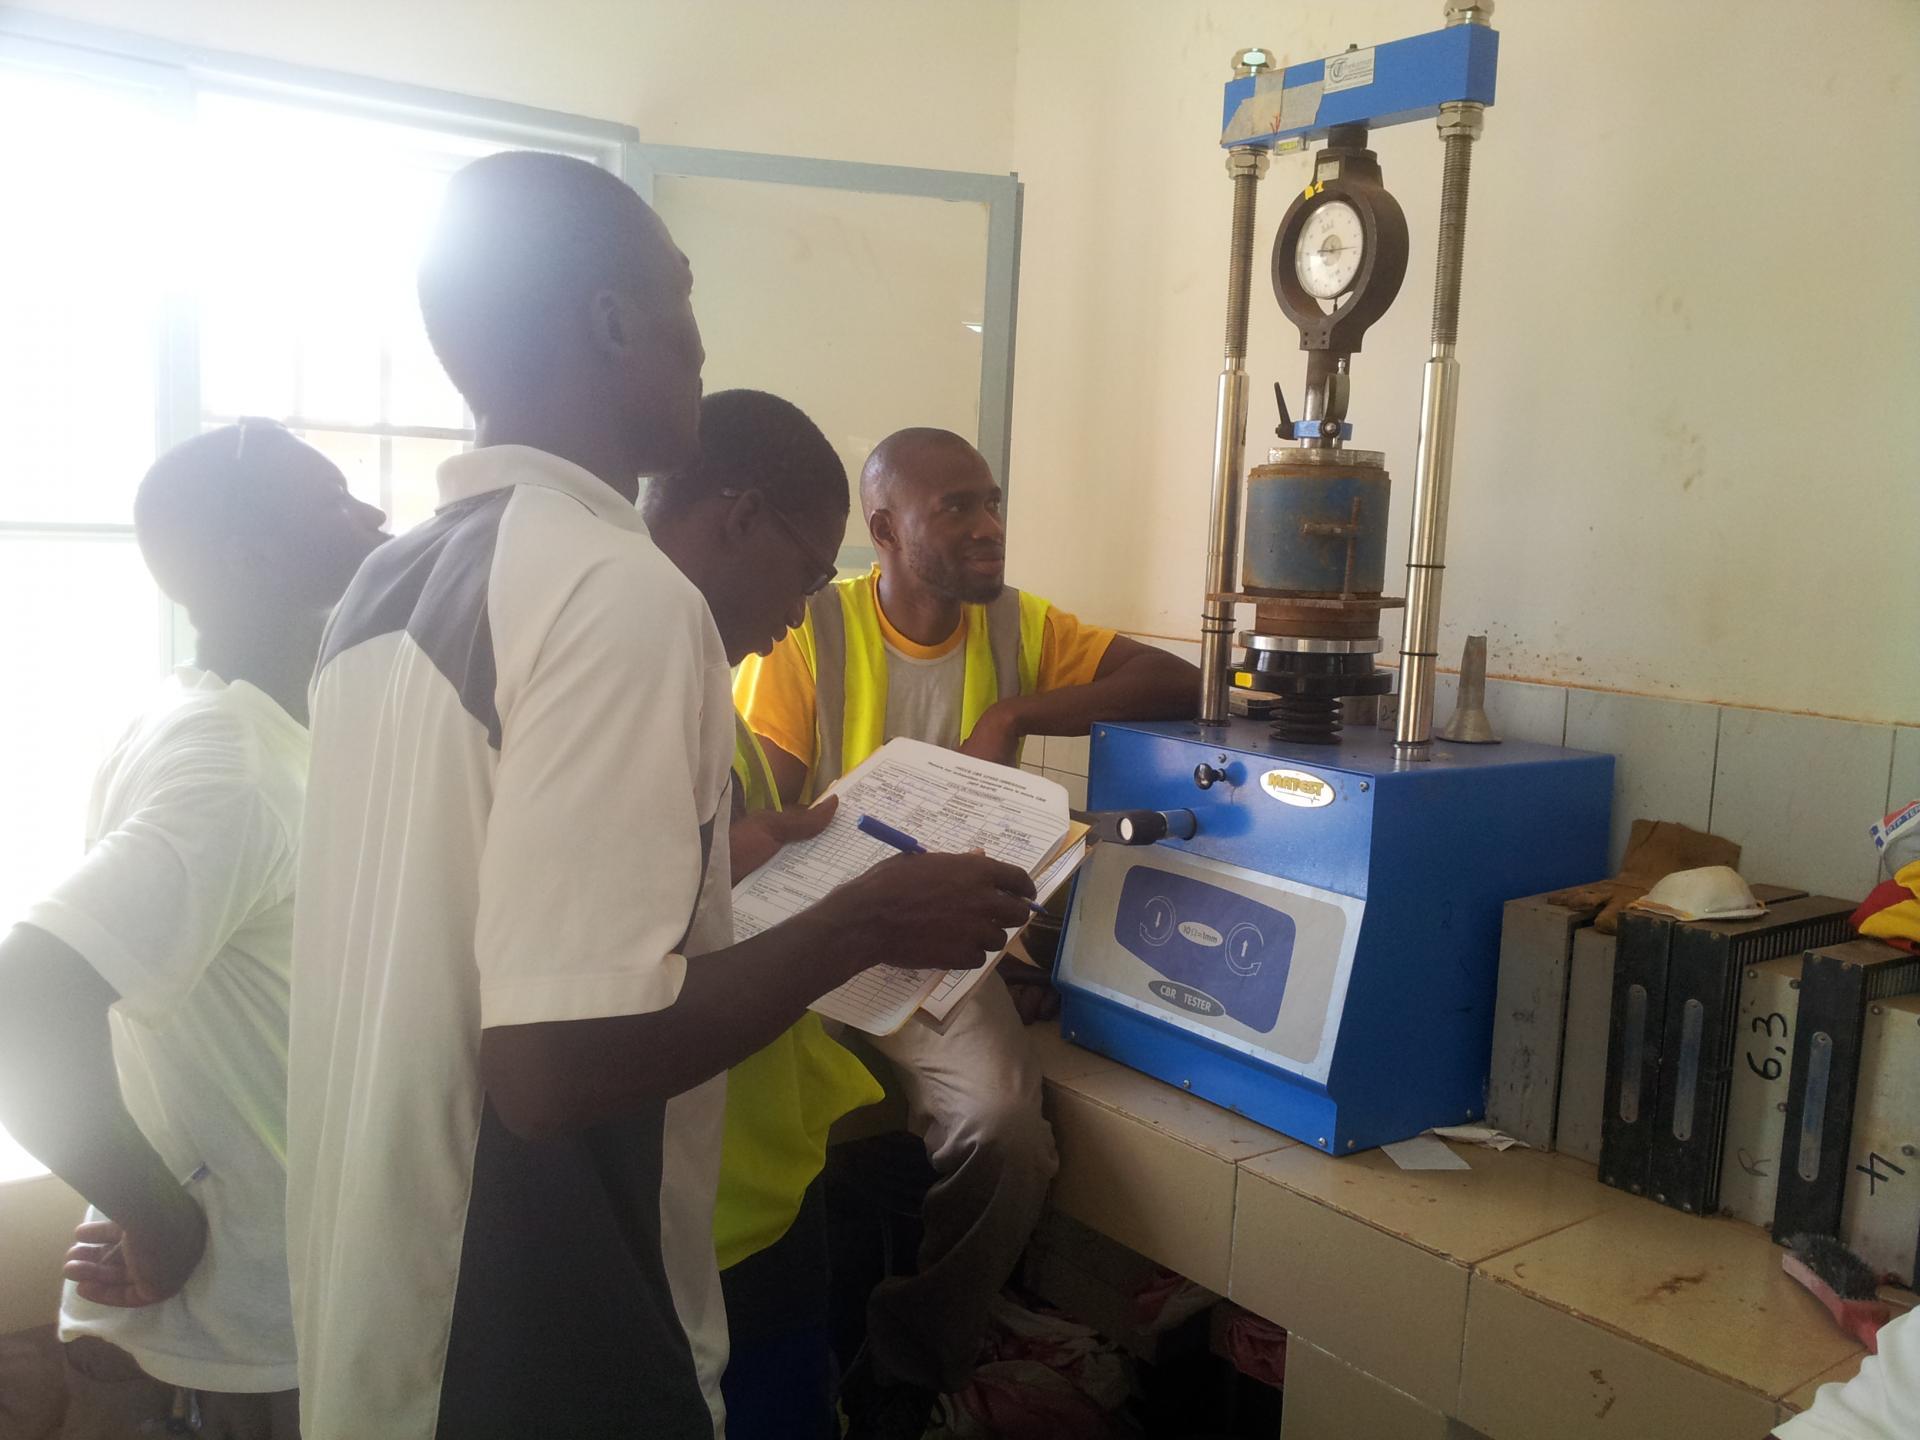 En stage sur le projet de renforcement du tronçon (Sakoinsé-Boromo) de la RN1 au BURKINA FASO. Ici, je suis au Laboratoire de Géotechnique